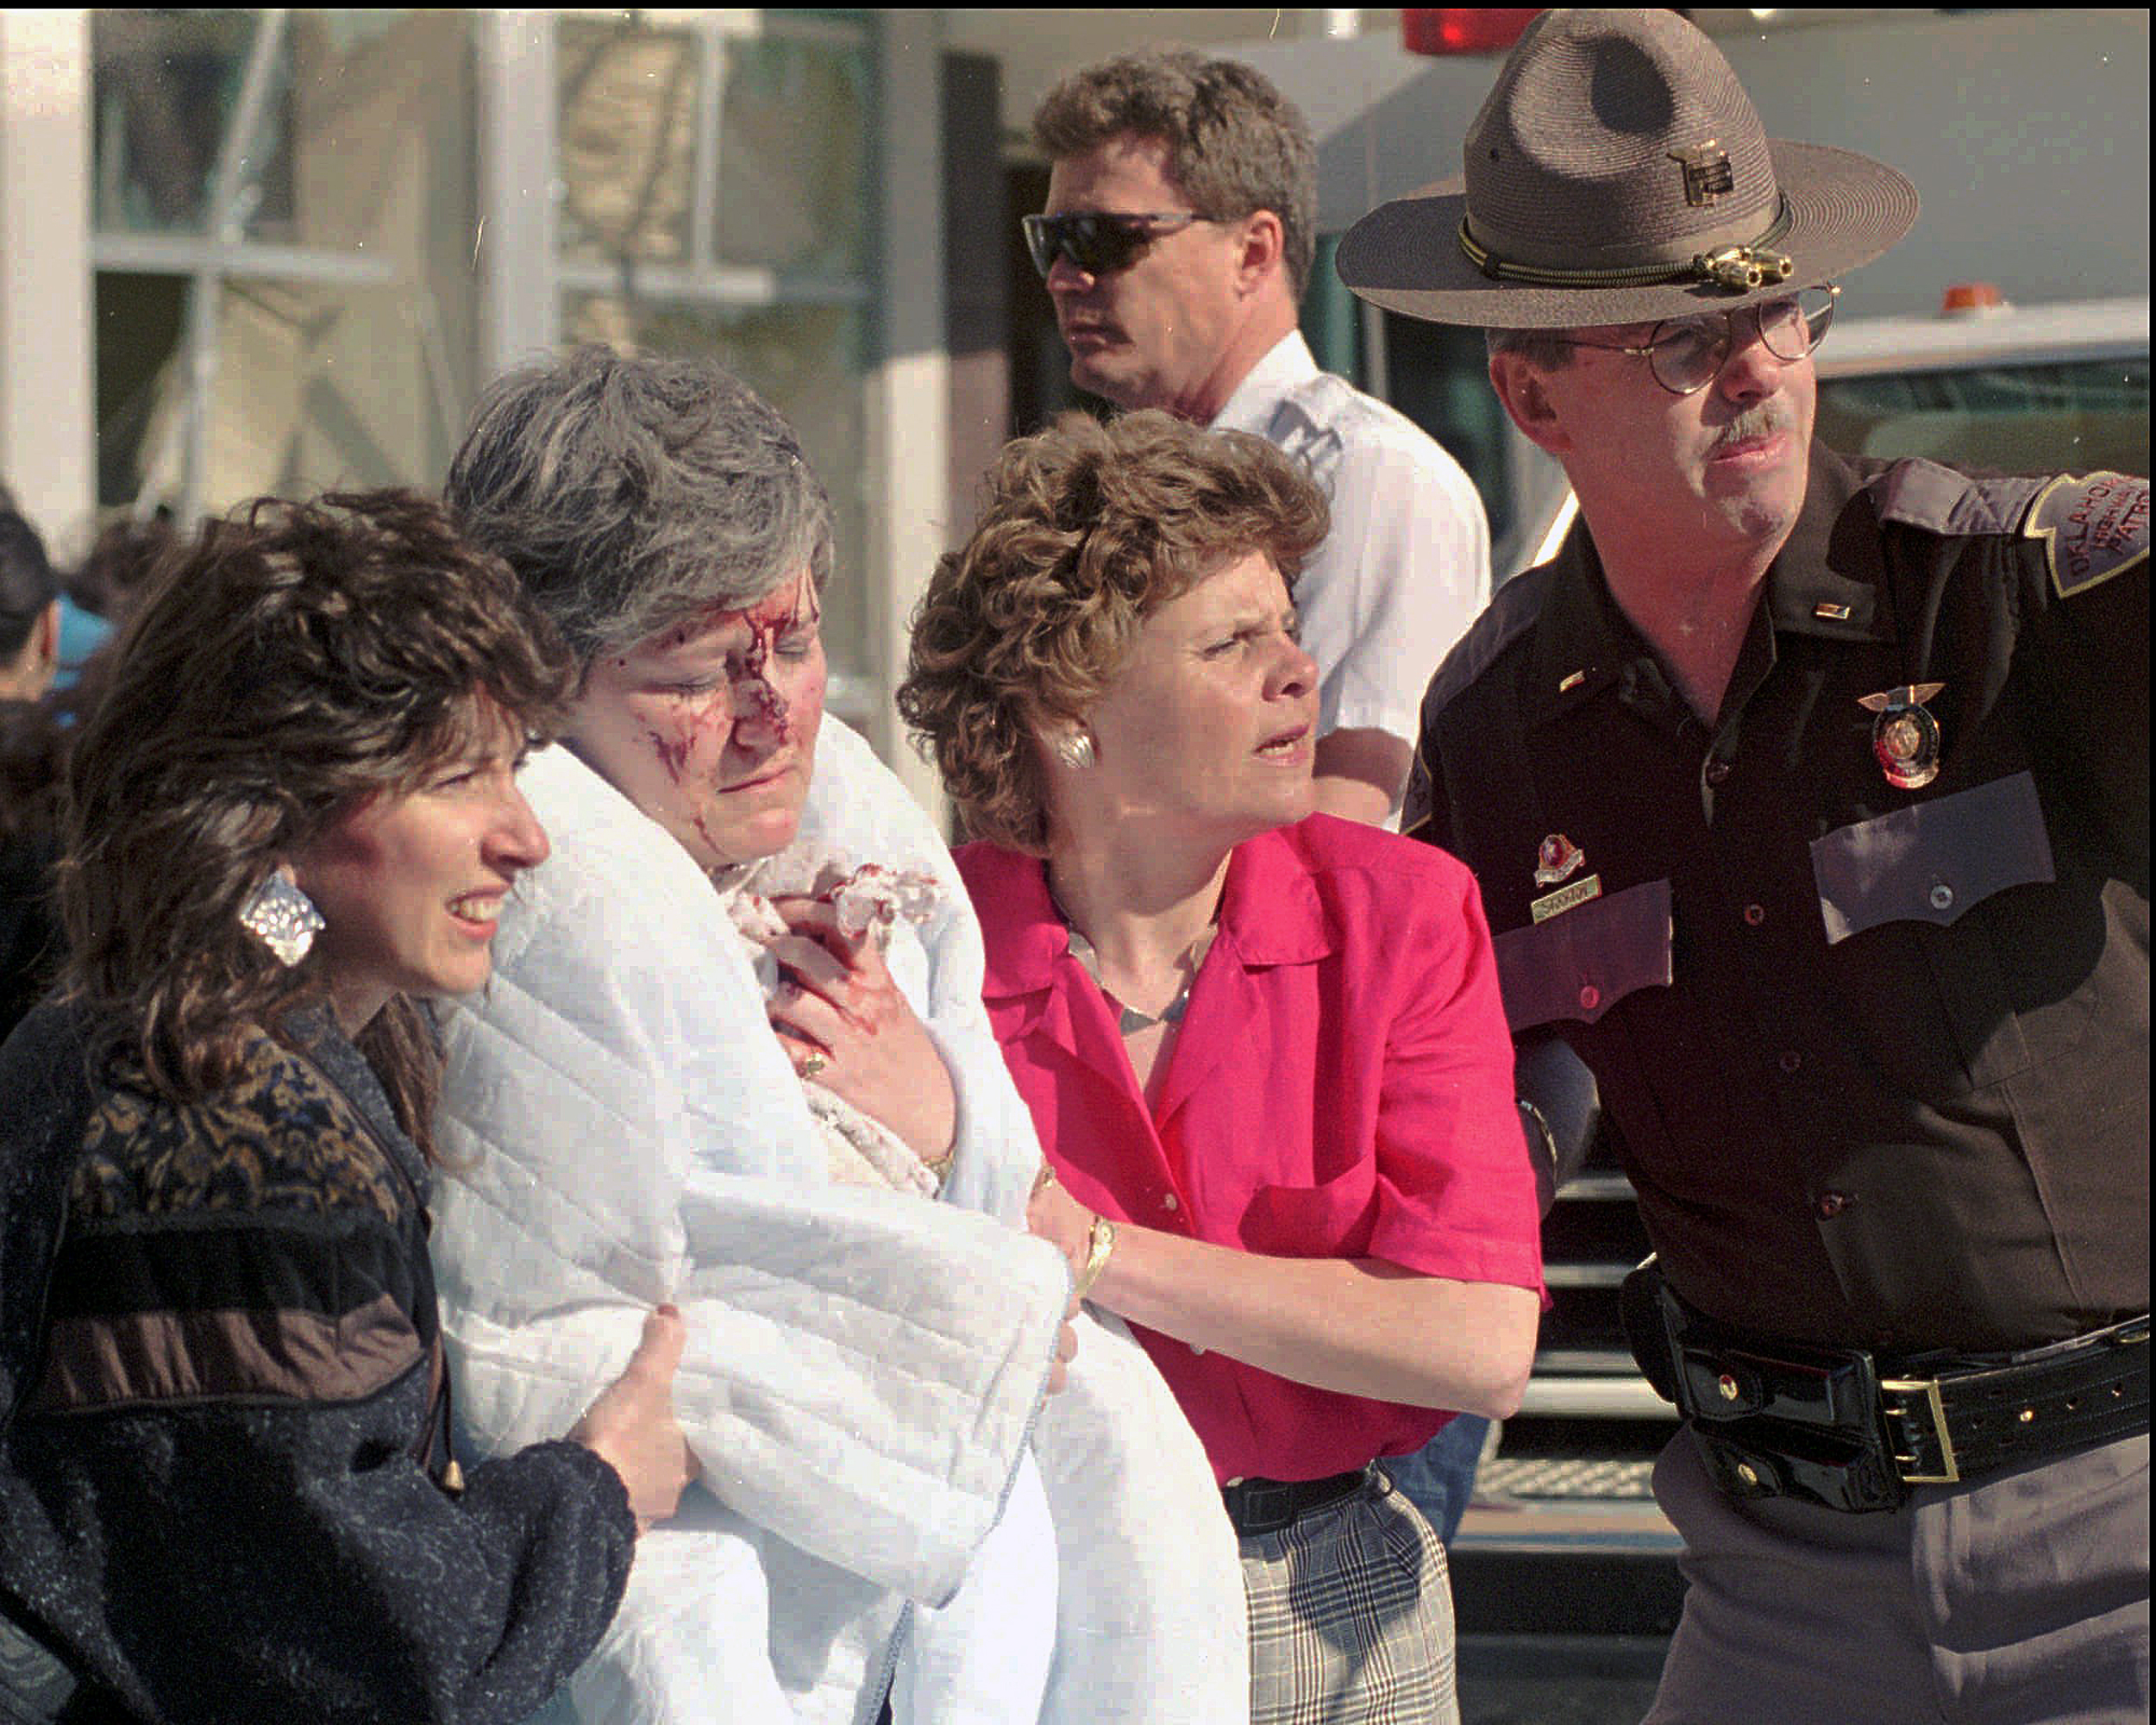 800多人在Alfred Murrah 聯邦大樓爆炸中受傷。(美聯社)